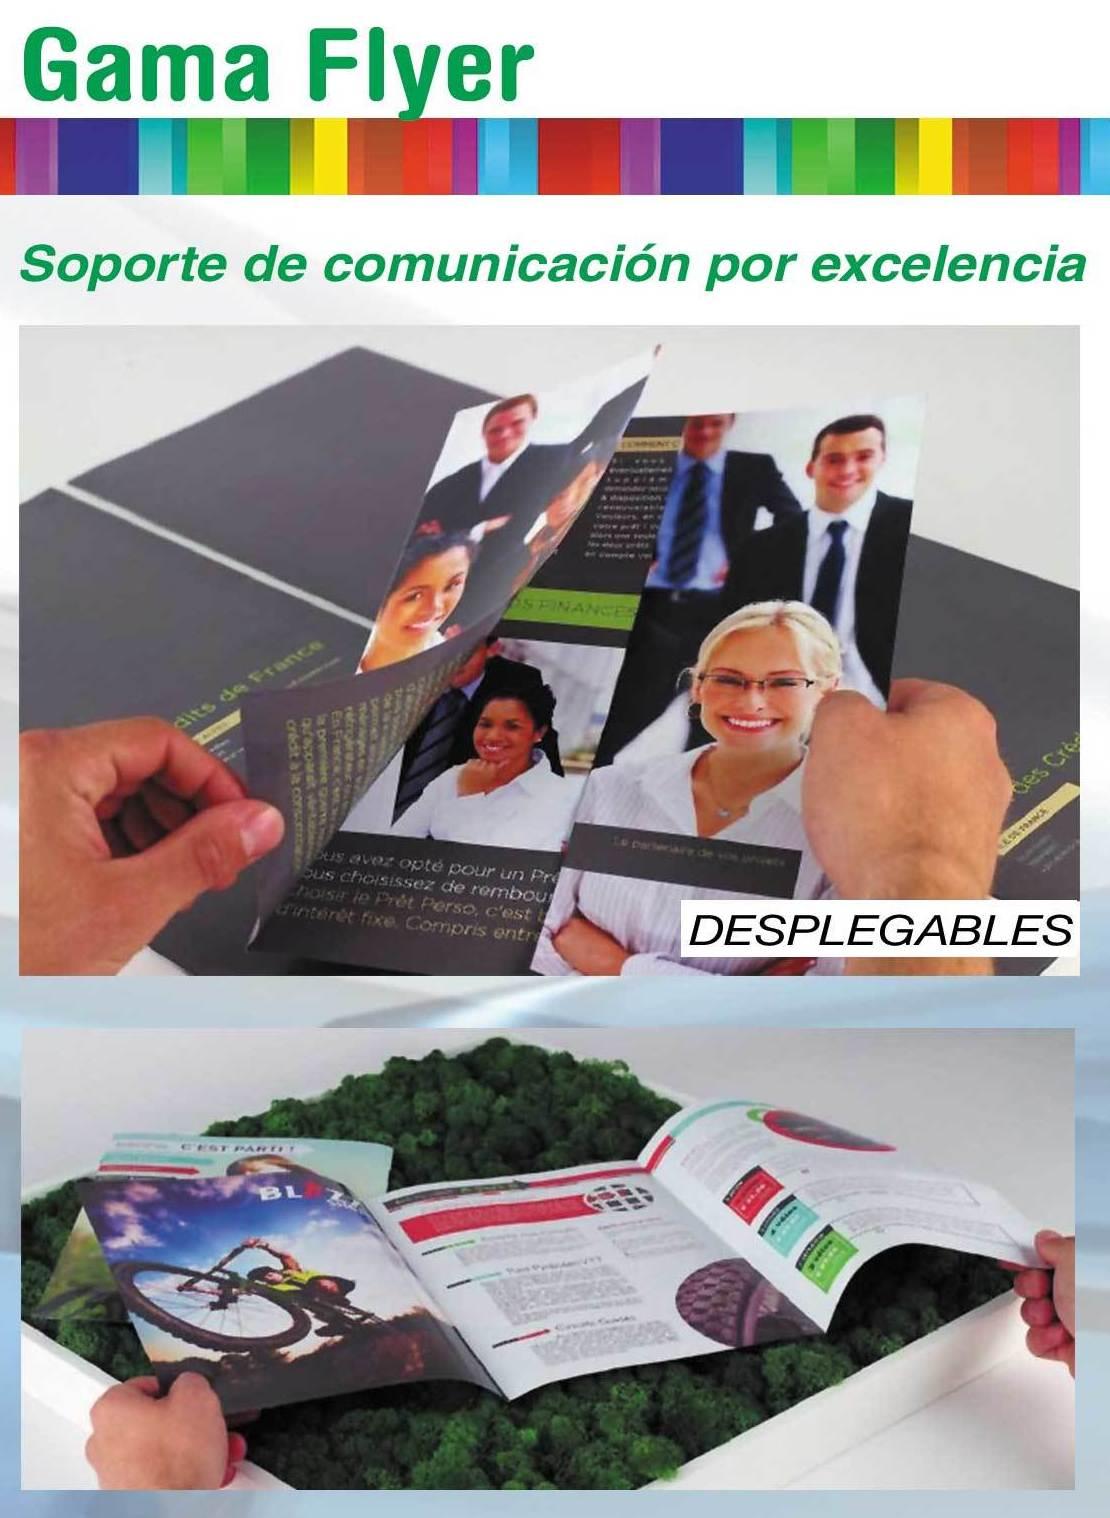 Impresión de folletos publicitarios en Sevilla